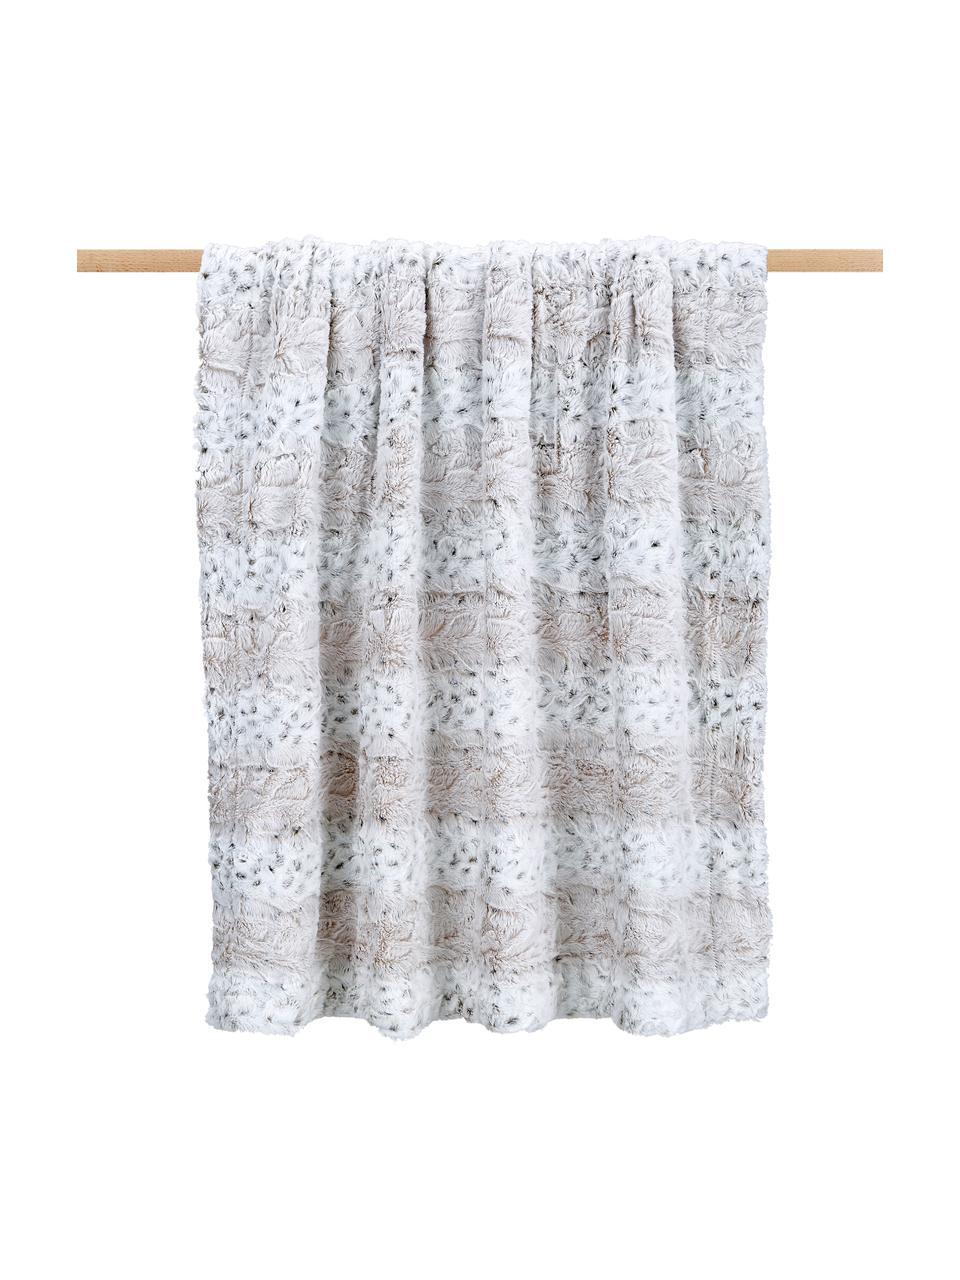 Kuscheldecke Vilnius aus Kunstfell, 100% Polyester, Cremefarben, Grau, Weiß, 125 x 150 cm